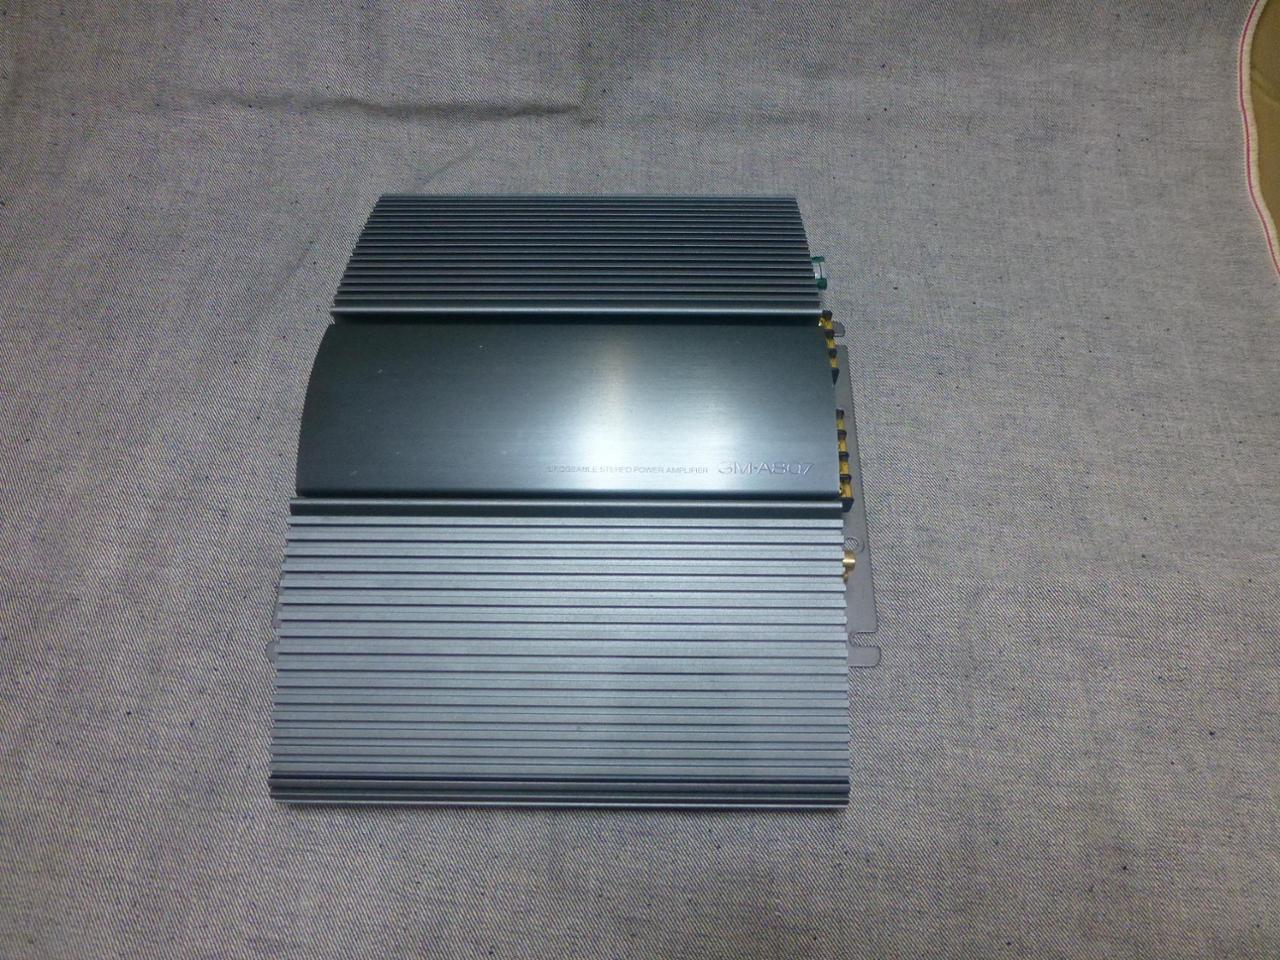 サンスイ SM-A807 80w×2ch